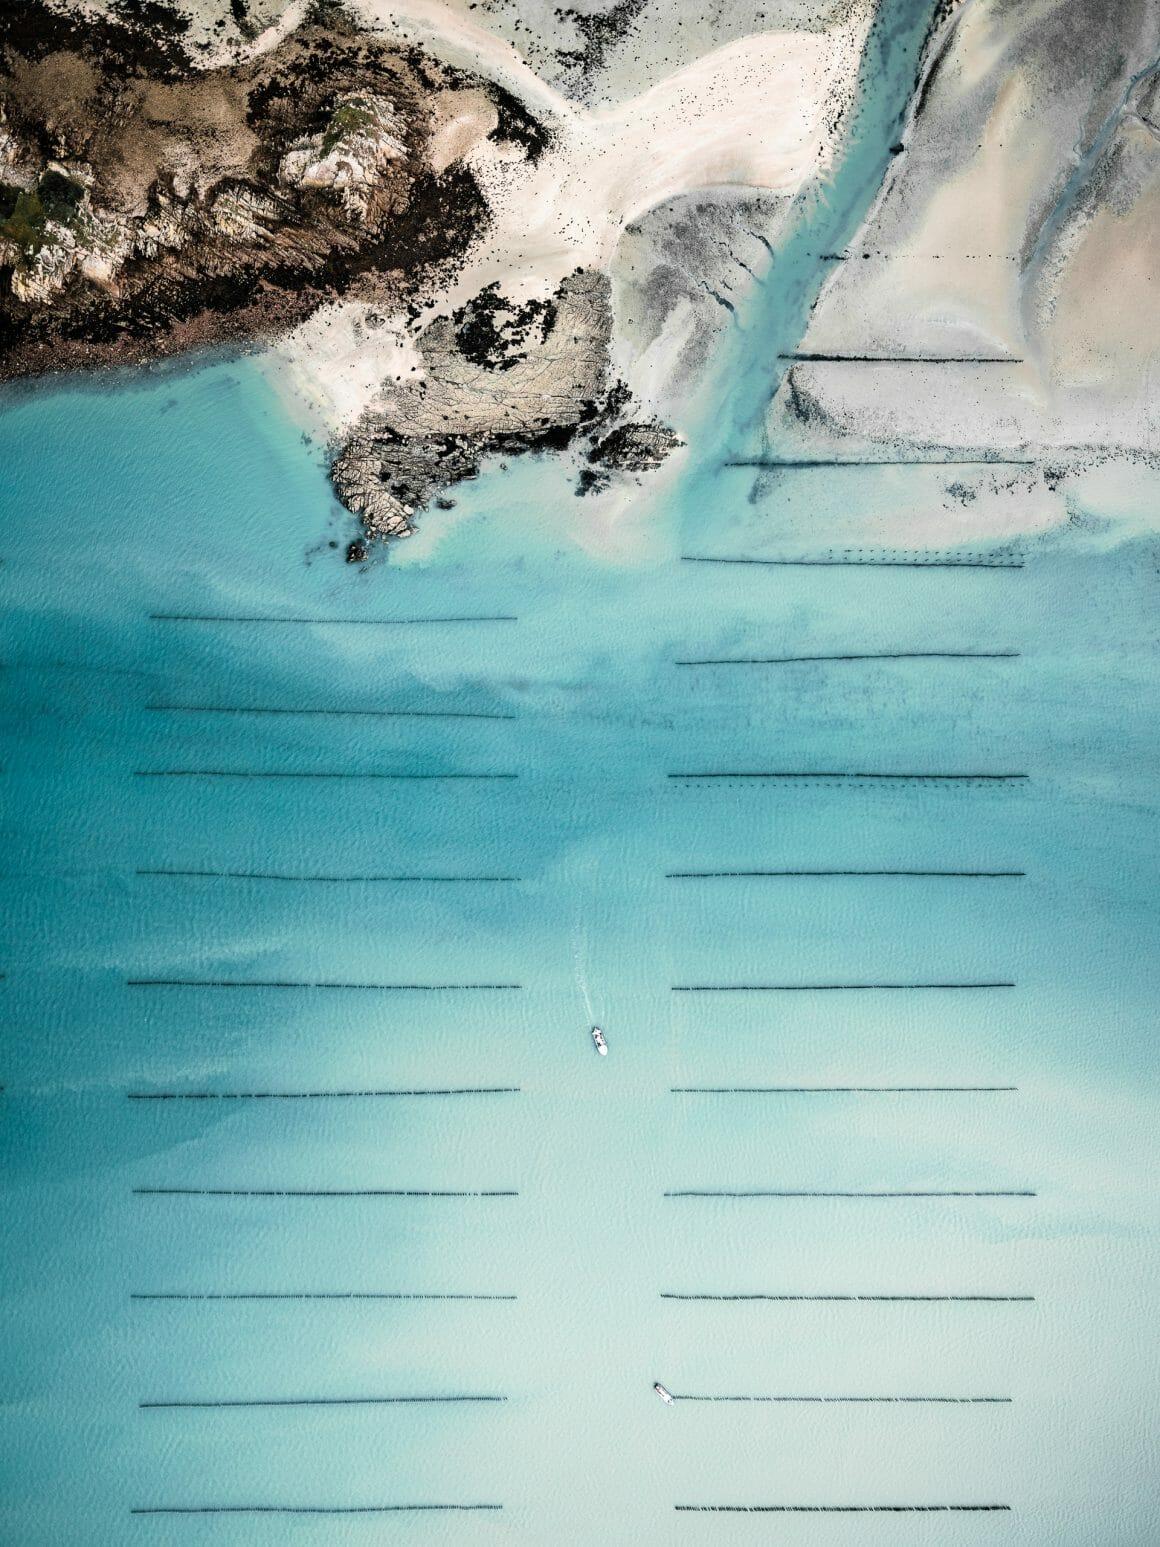 Lignes espacées d'ostréiculture, avec bras de mer donnant sur une plage sauvage. Jeu du blanc du sable, en contraste avec le bleu de la mer et la texture des pans arborés.